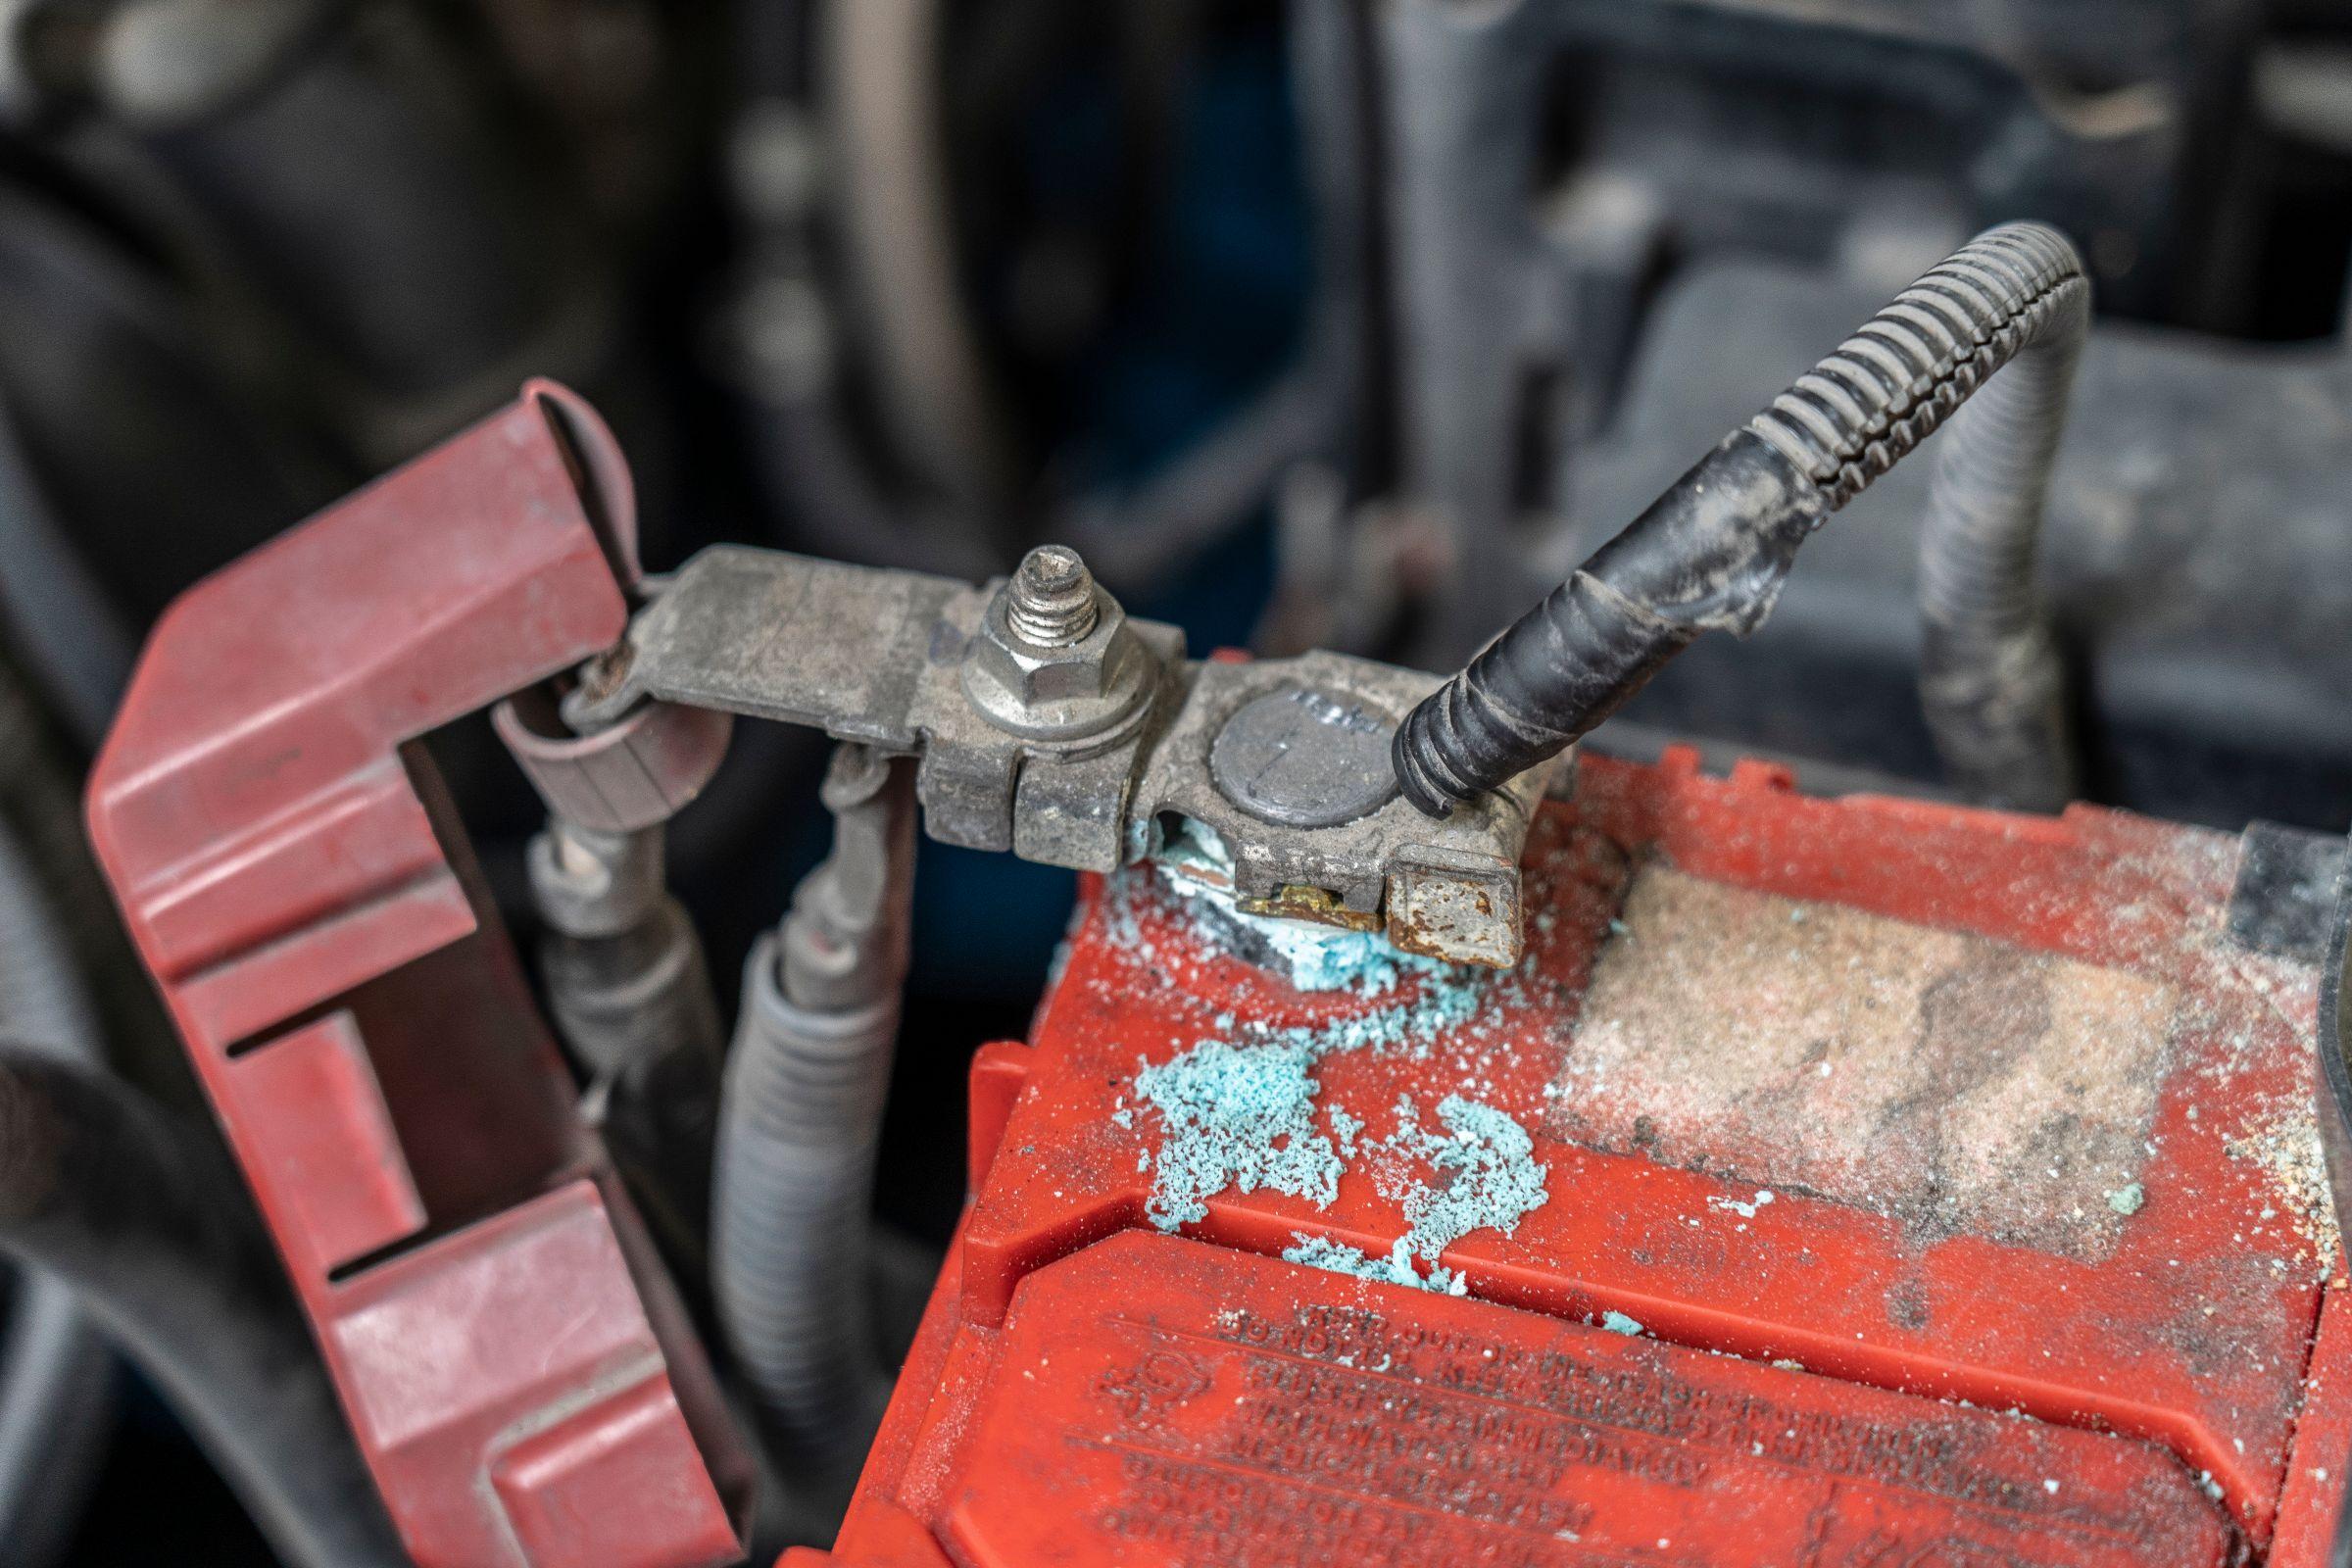 bateria de carro vermelha mostra acumulo de oxidacao zinabre ao redor do terminal